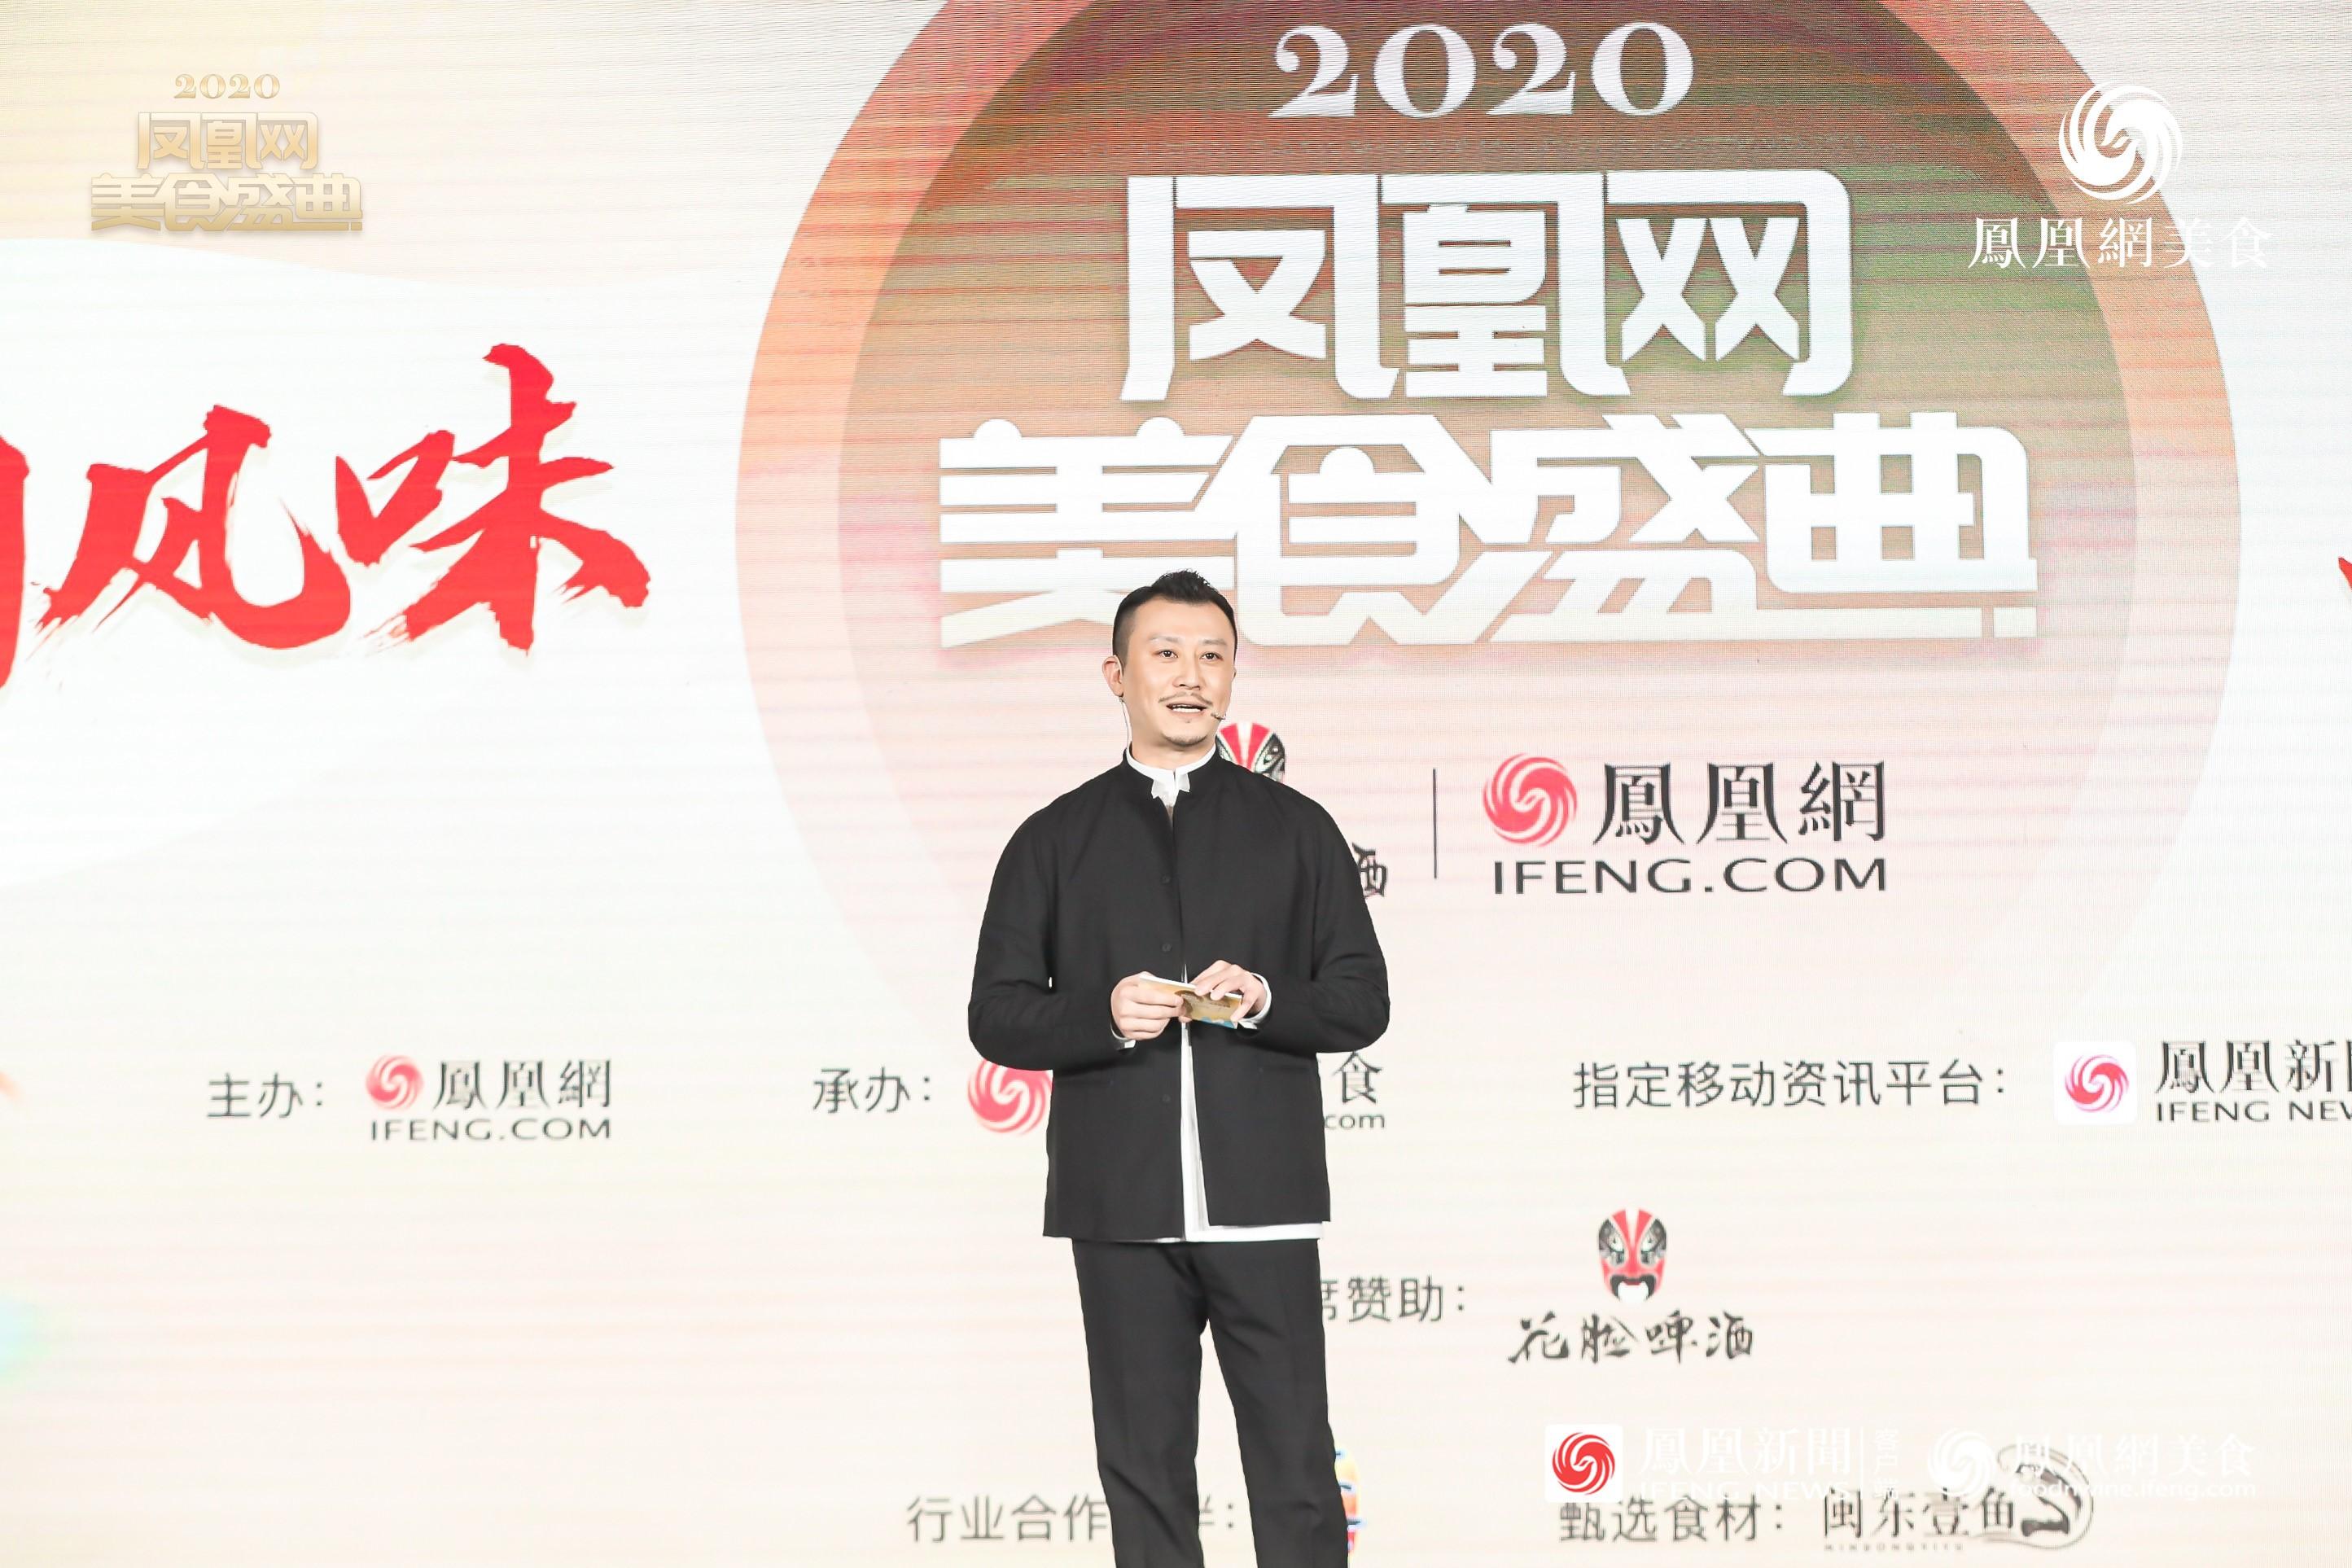 2020凤凰网美食盛典暨金梧桐中国餐厅指南发布,130间餐厅获奖